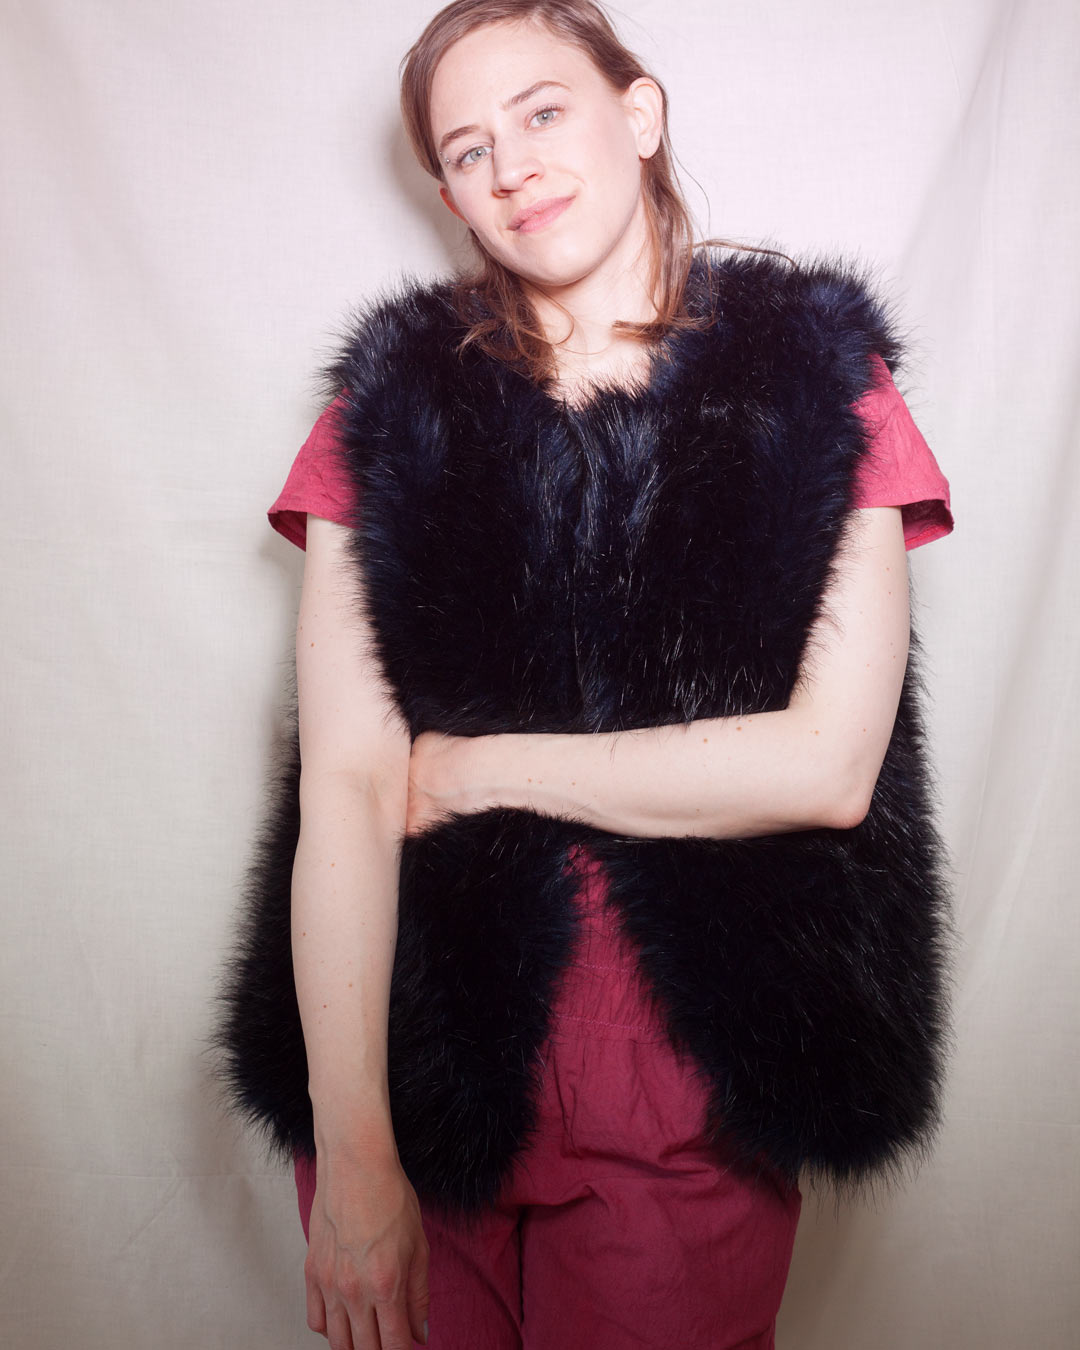 Elegante faire Outfits im nachhaltigen Onlineshop House of Wolf